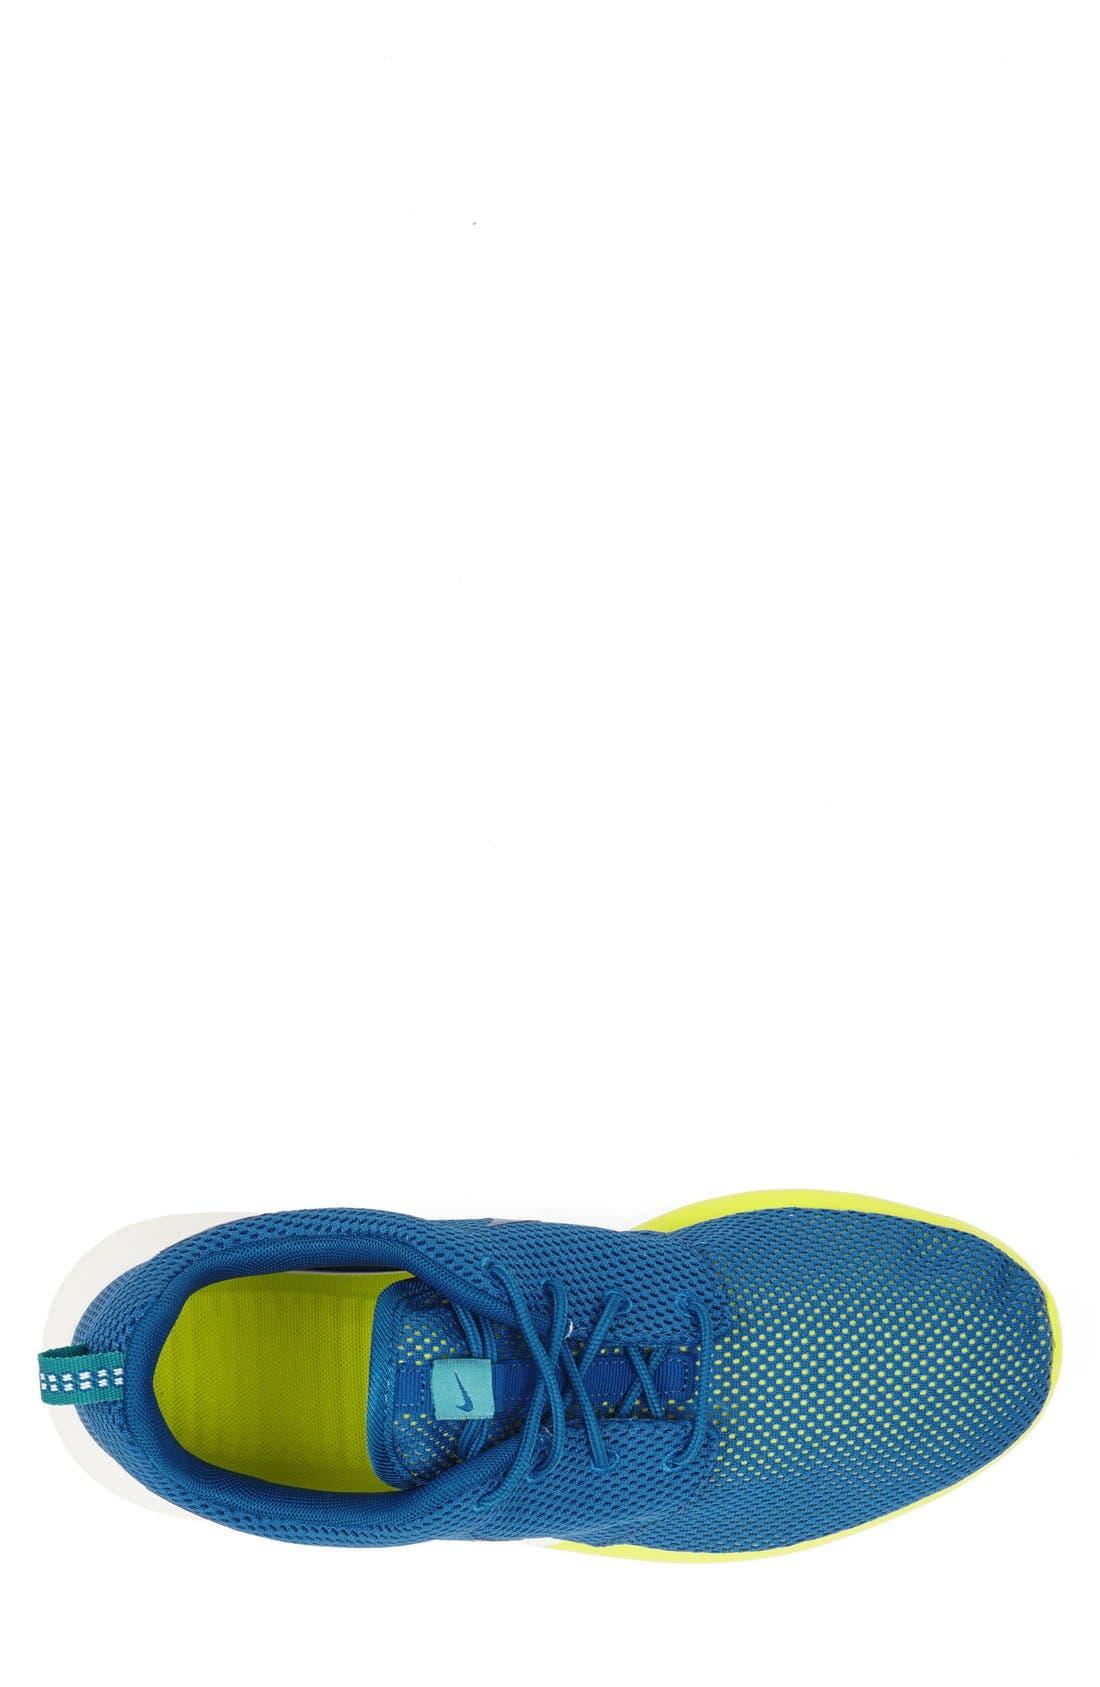 ,                             'Roshe Run' Sneaker,                             Alternate thumbnail 97, color,                             400